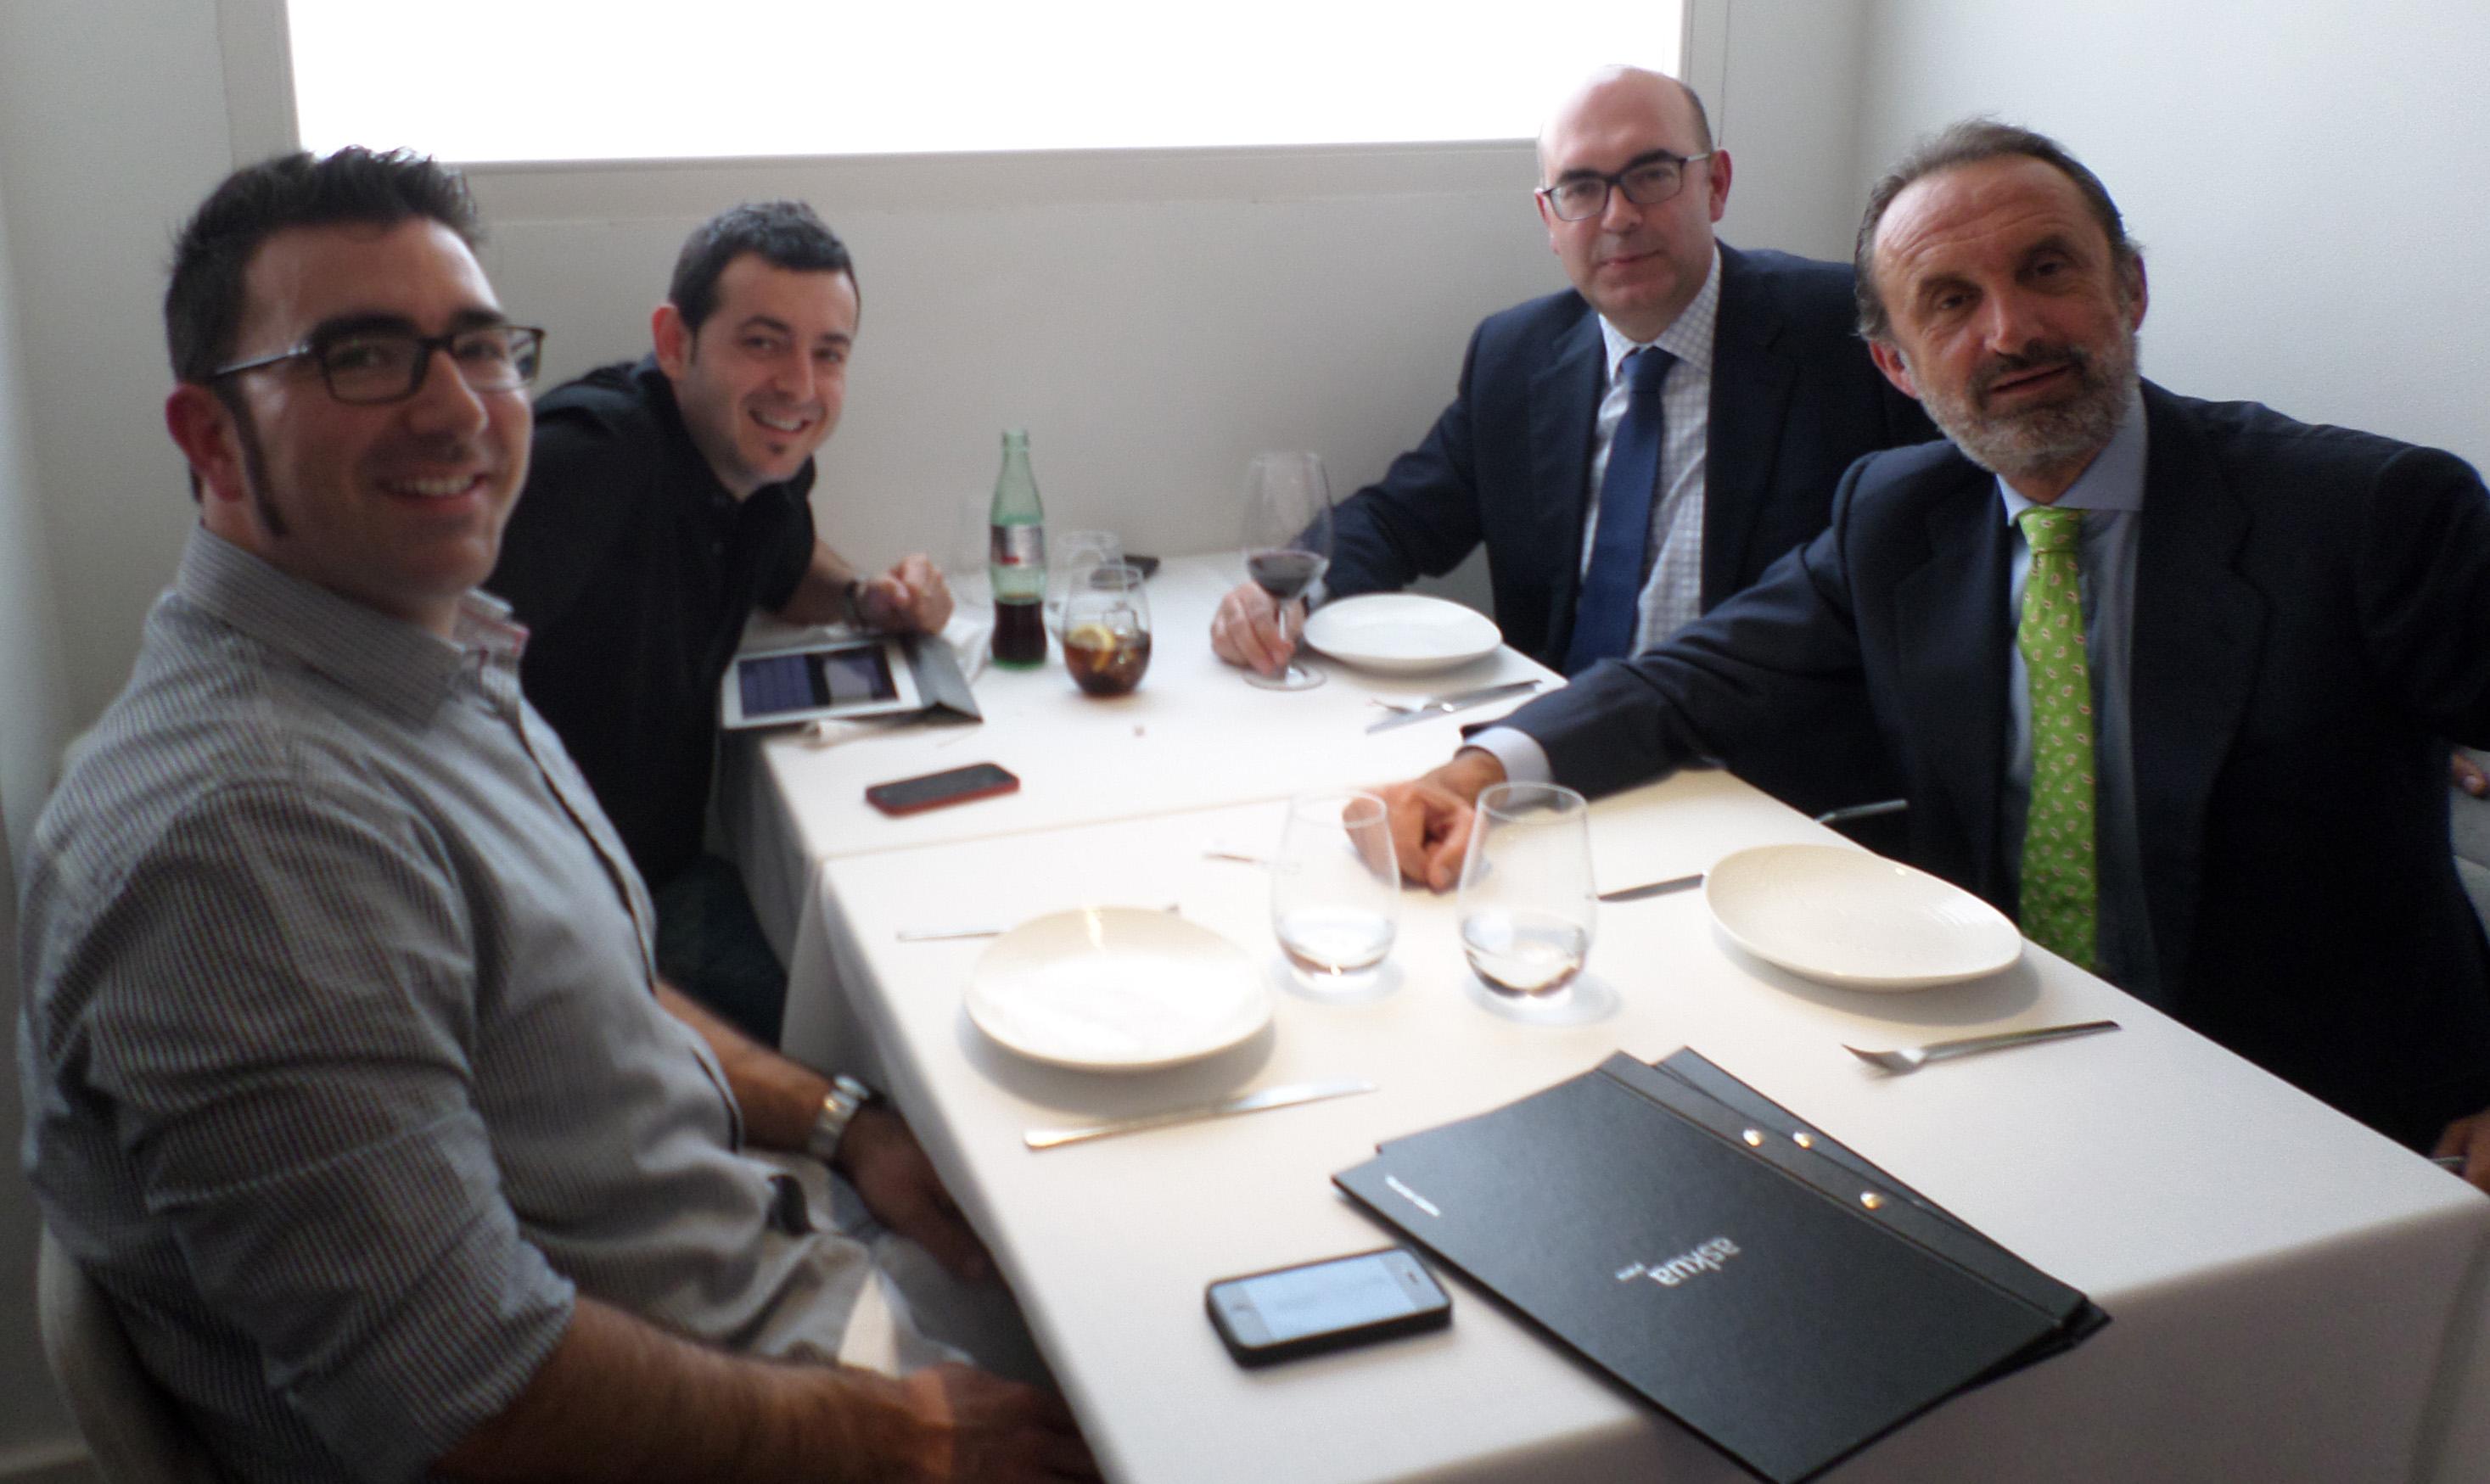 Ricard Camarena, Dani Cervera, Ricado Gadea bloG-M_Aurelio_Gómez-Miranda_El_Punto_de_la_Carne_El_Jurado_Askua_Restaurante